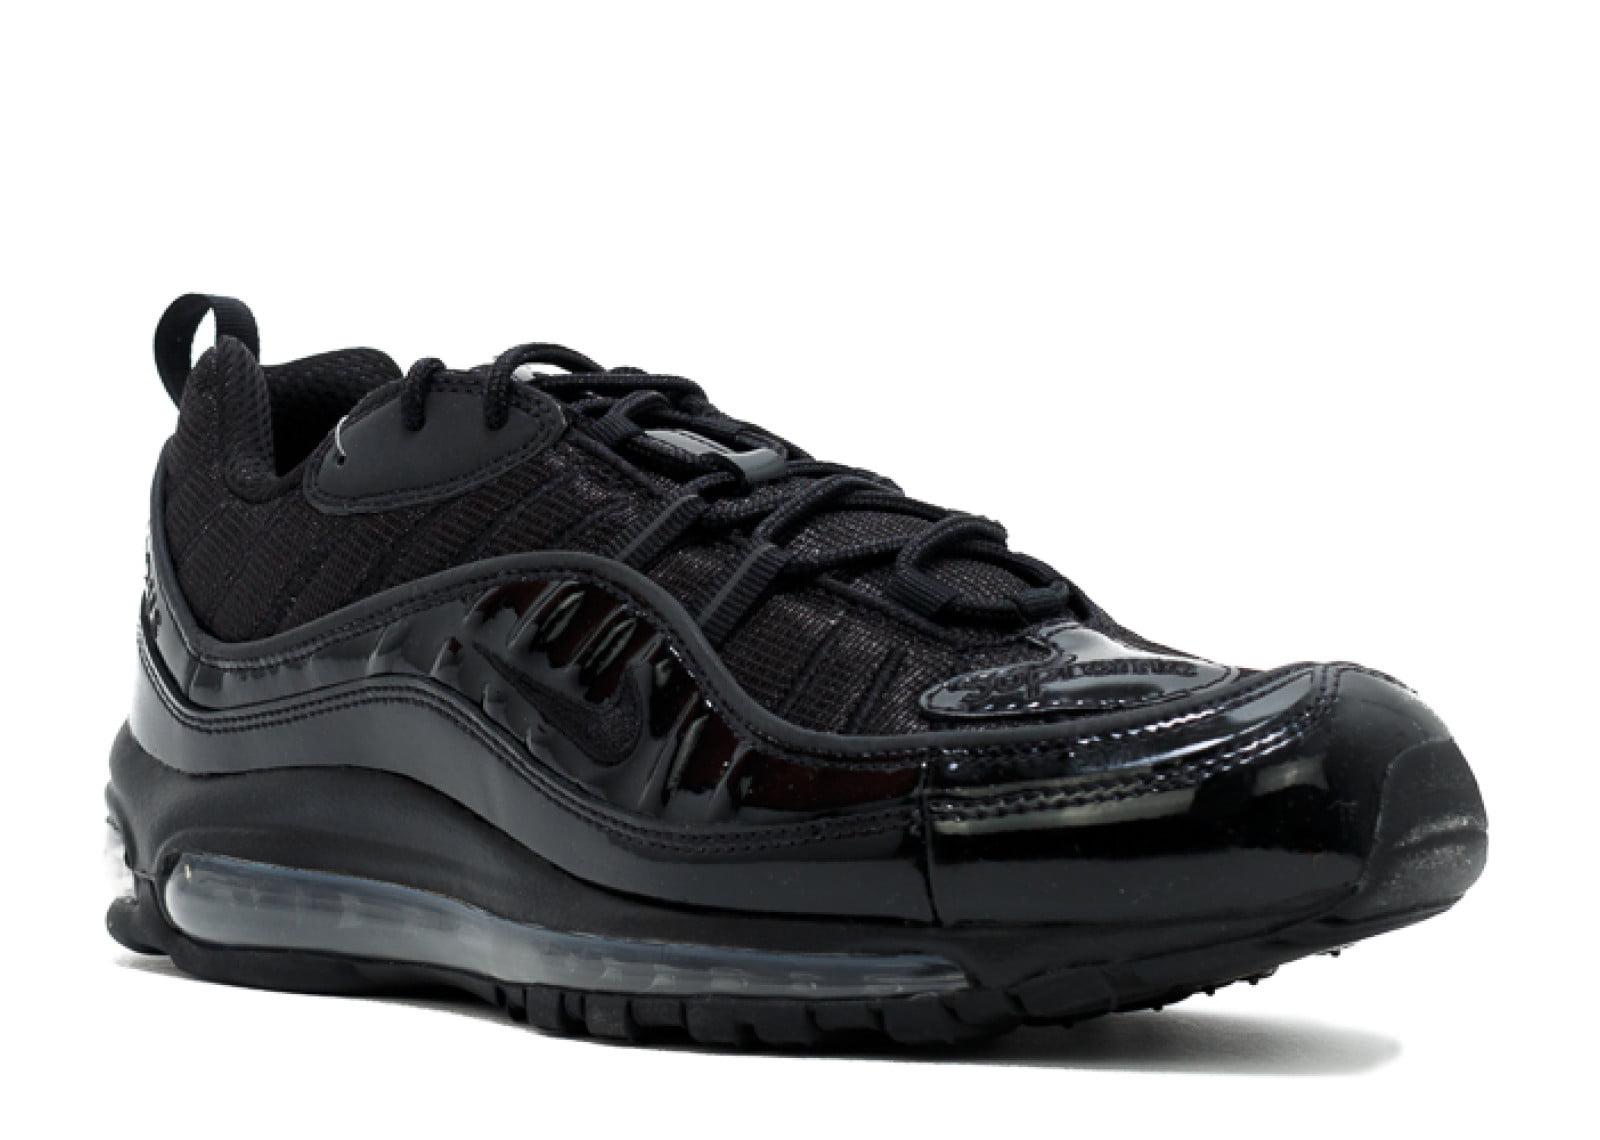 47dbb7d148d Nike - Men - Nike Air Max 98   Supreme  Supreme  Black -844694-001 - Size  11.5